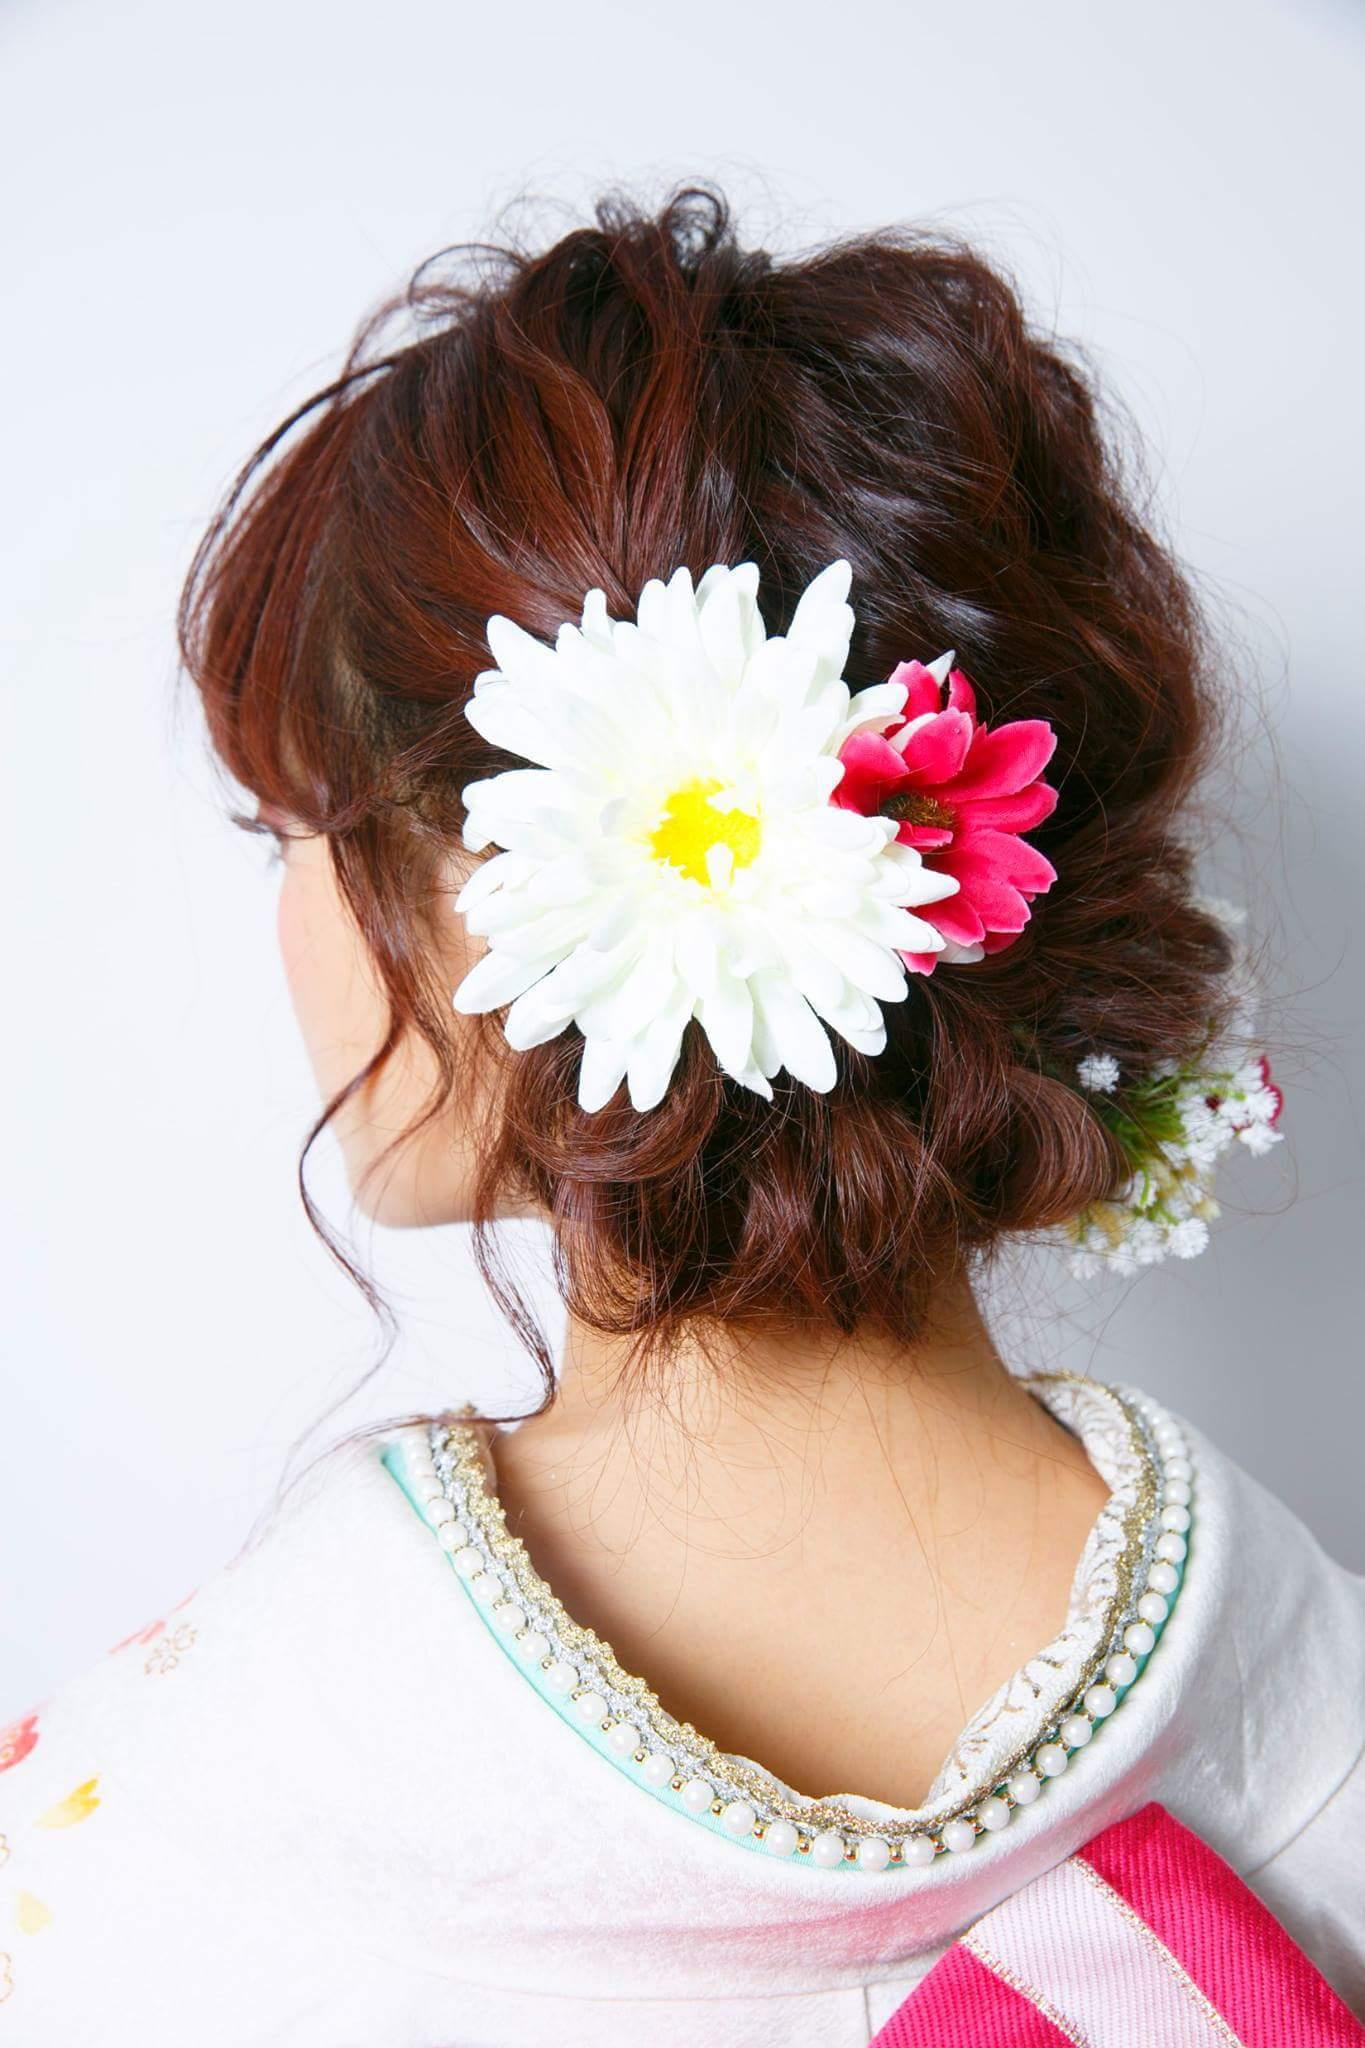 ビューティーサロン ナゴミ 渋谷店<Beauty Salon nagomi>が投稿した画像